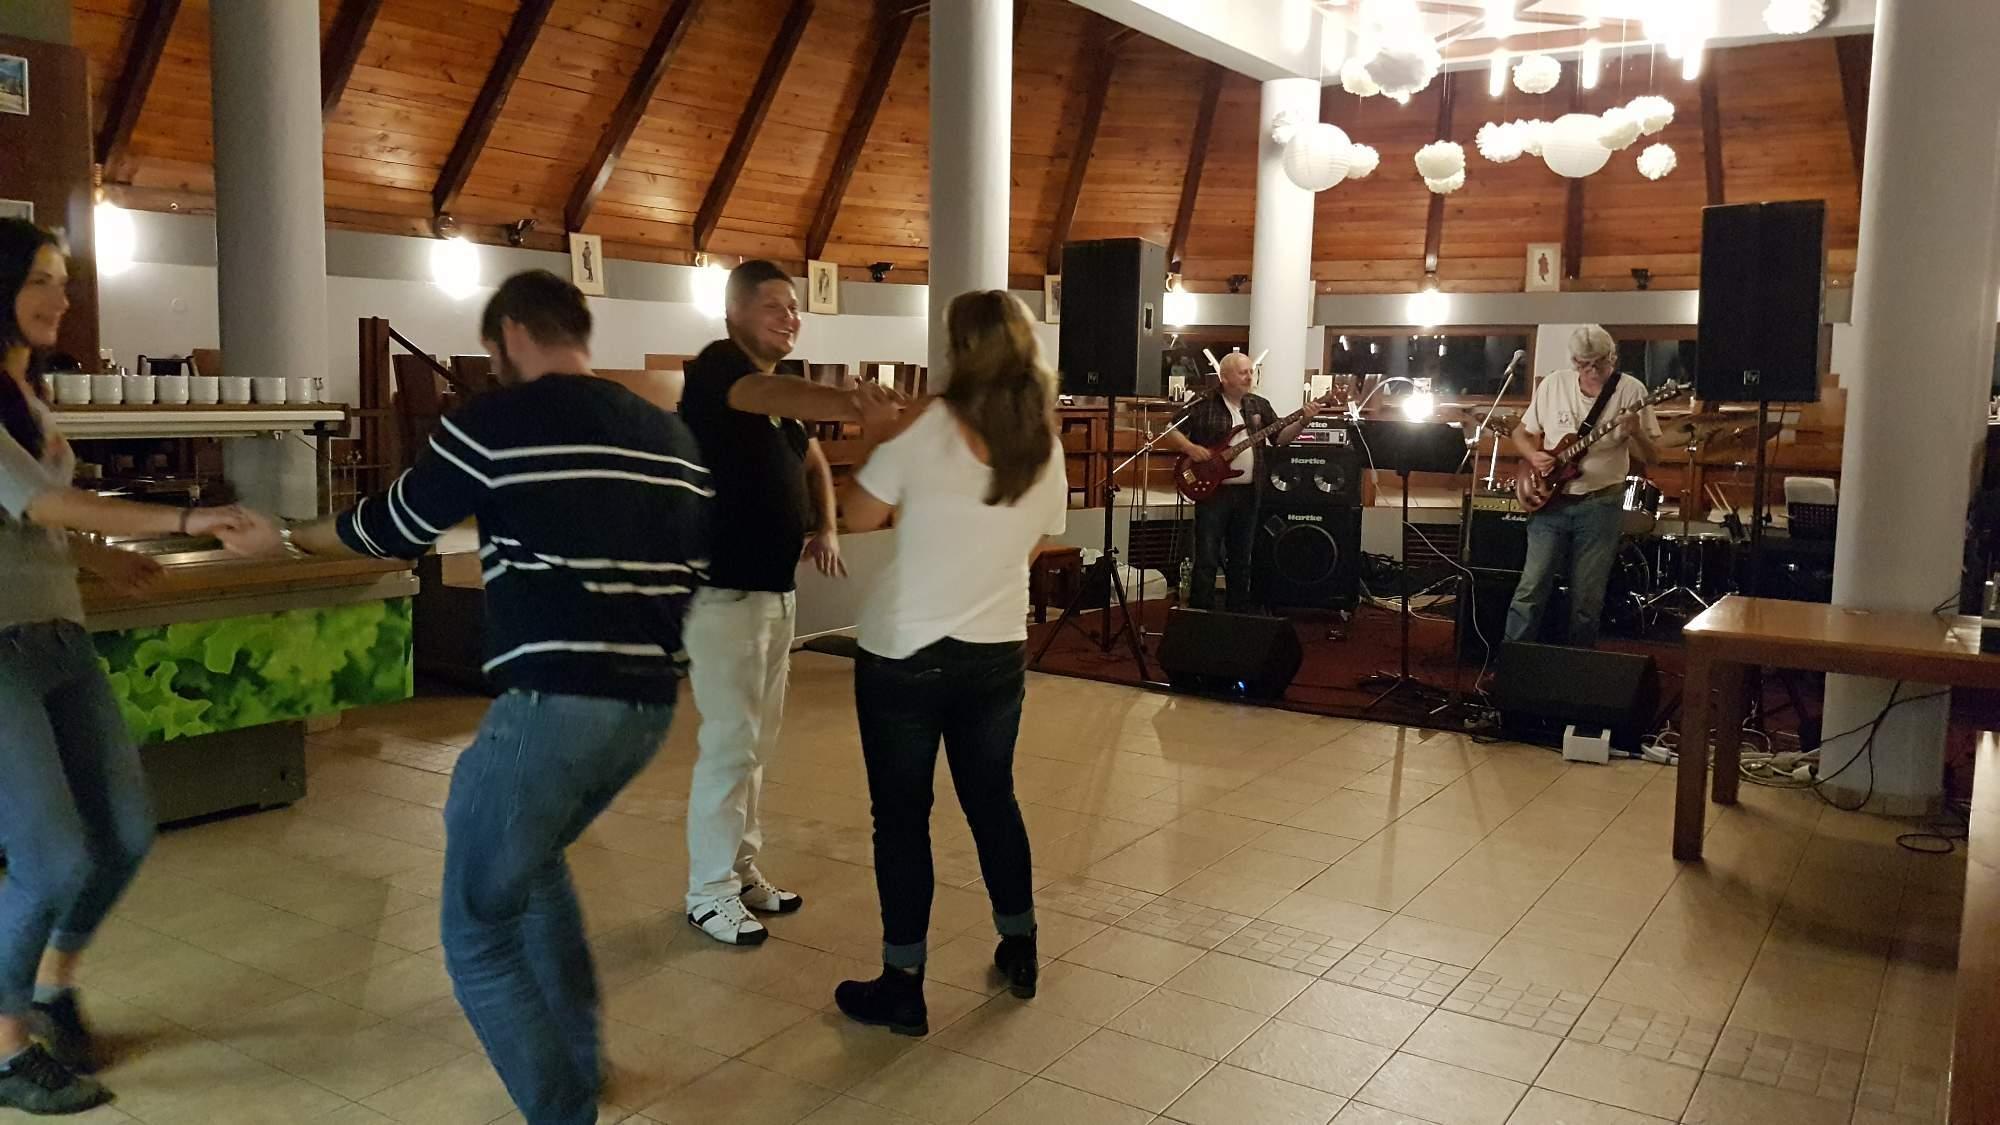 2017/09 - Frekvence Praha - Restaurace Lokai-Koliba